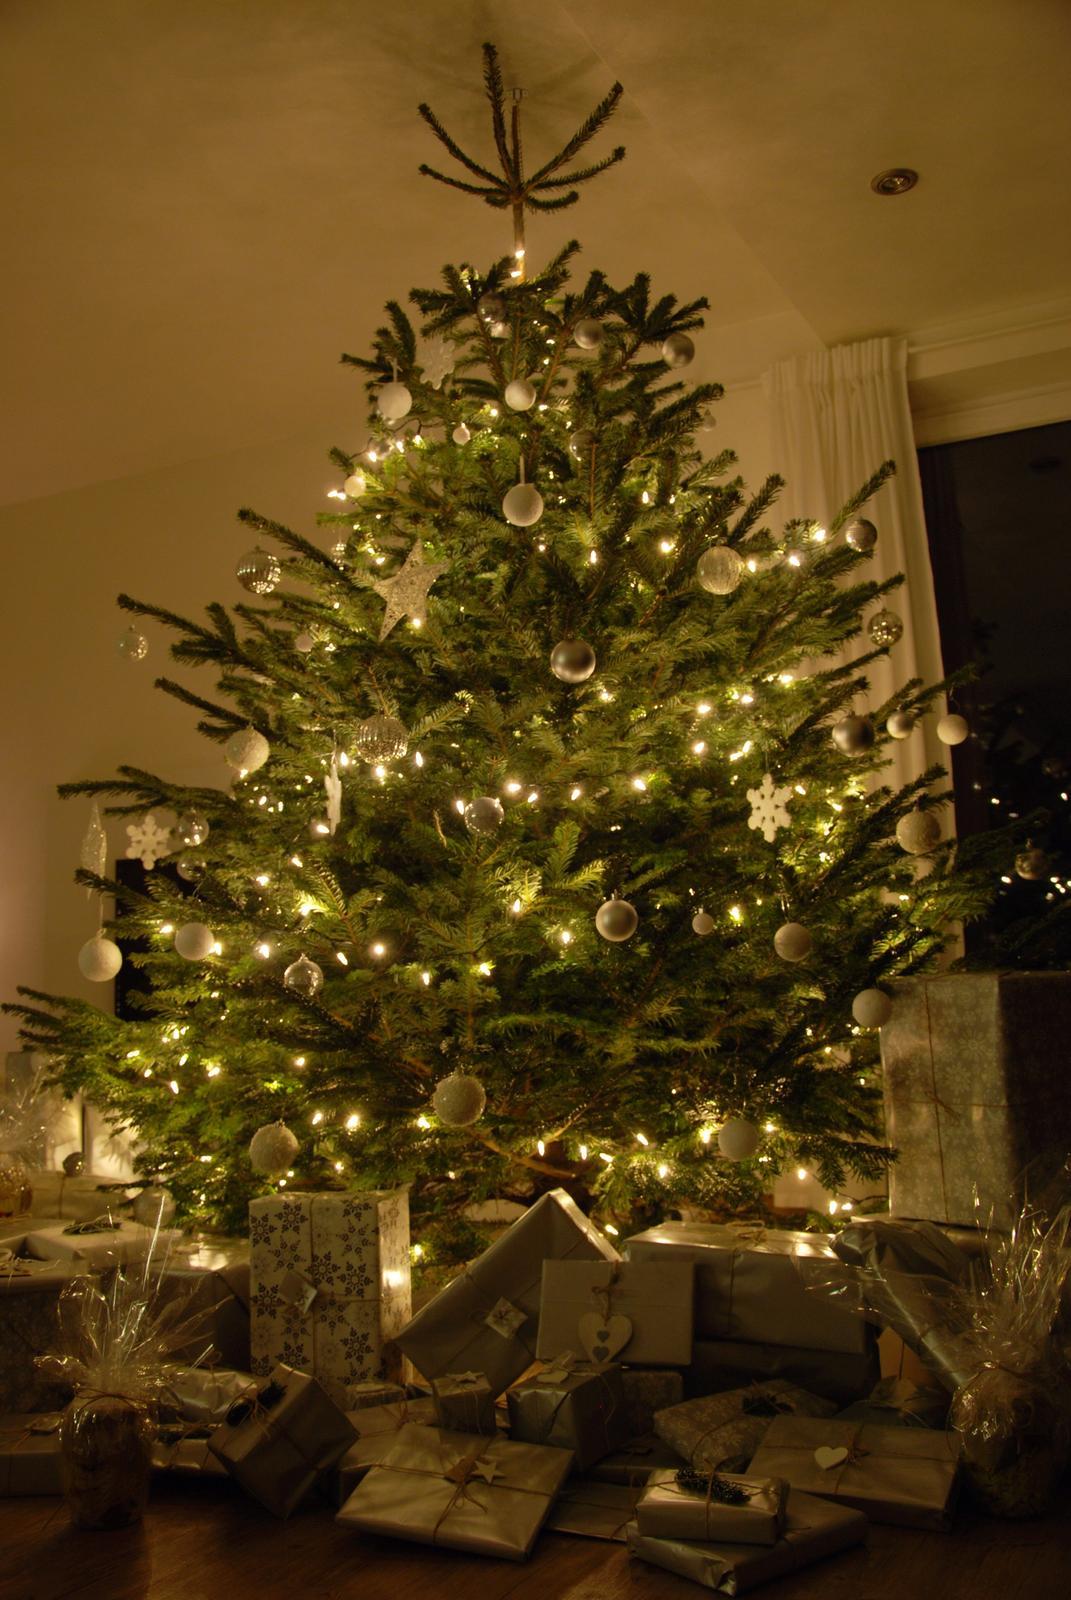 Zařizujeme náš domeček .... - Stromeček letos pro jistotu přivázaný ke stropu;-)